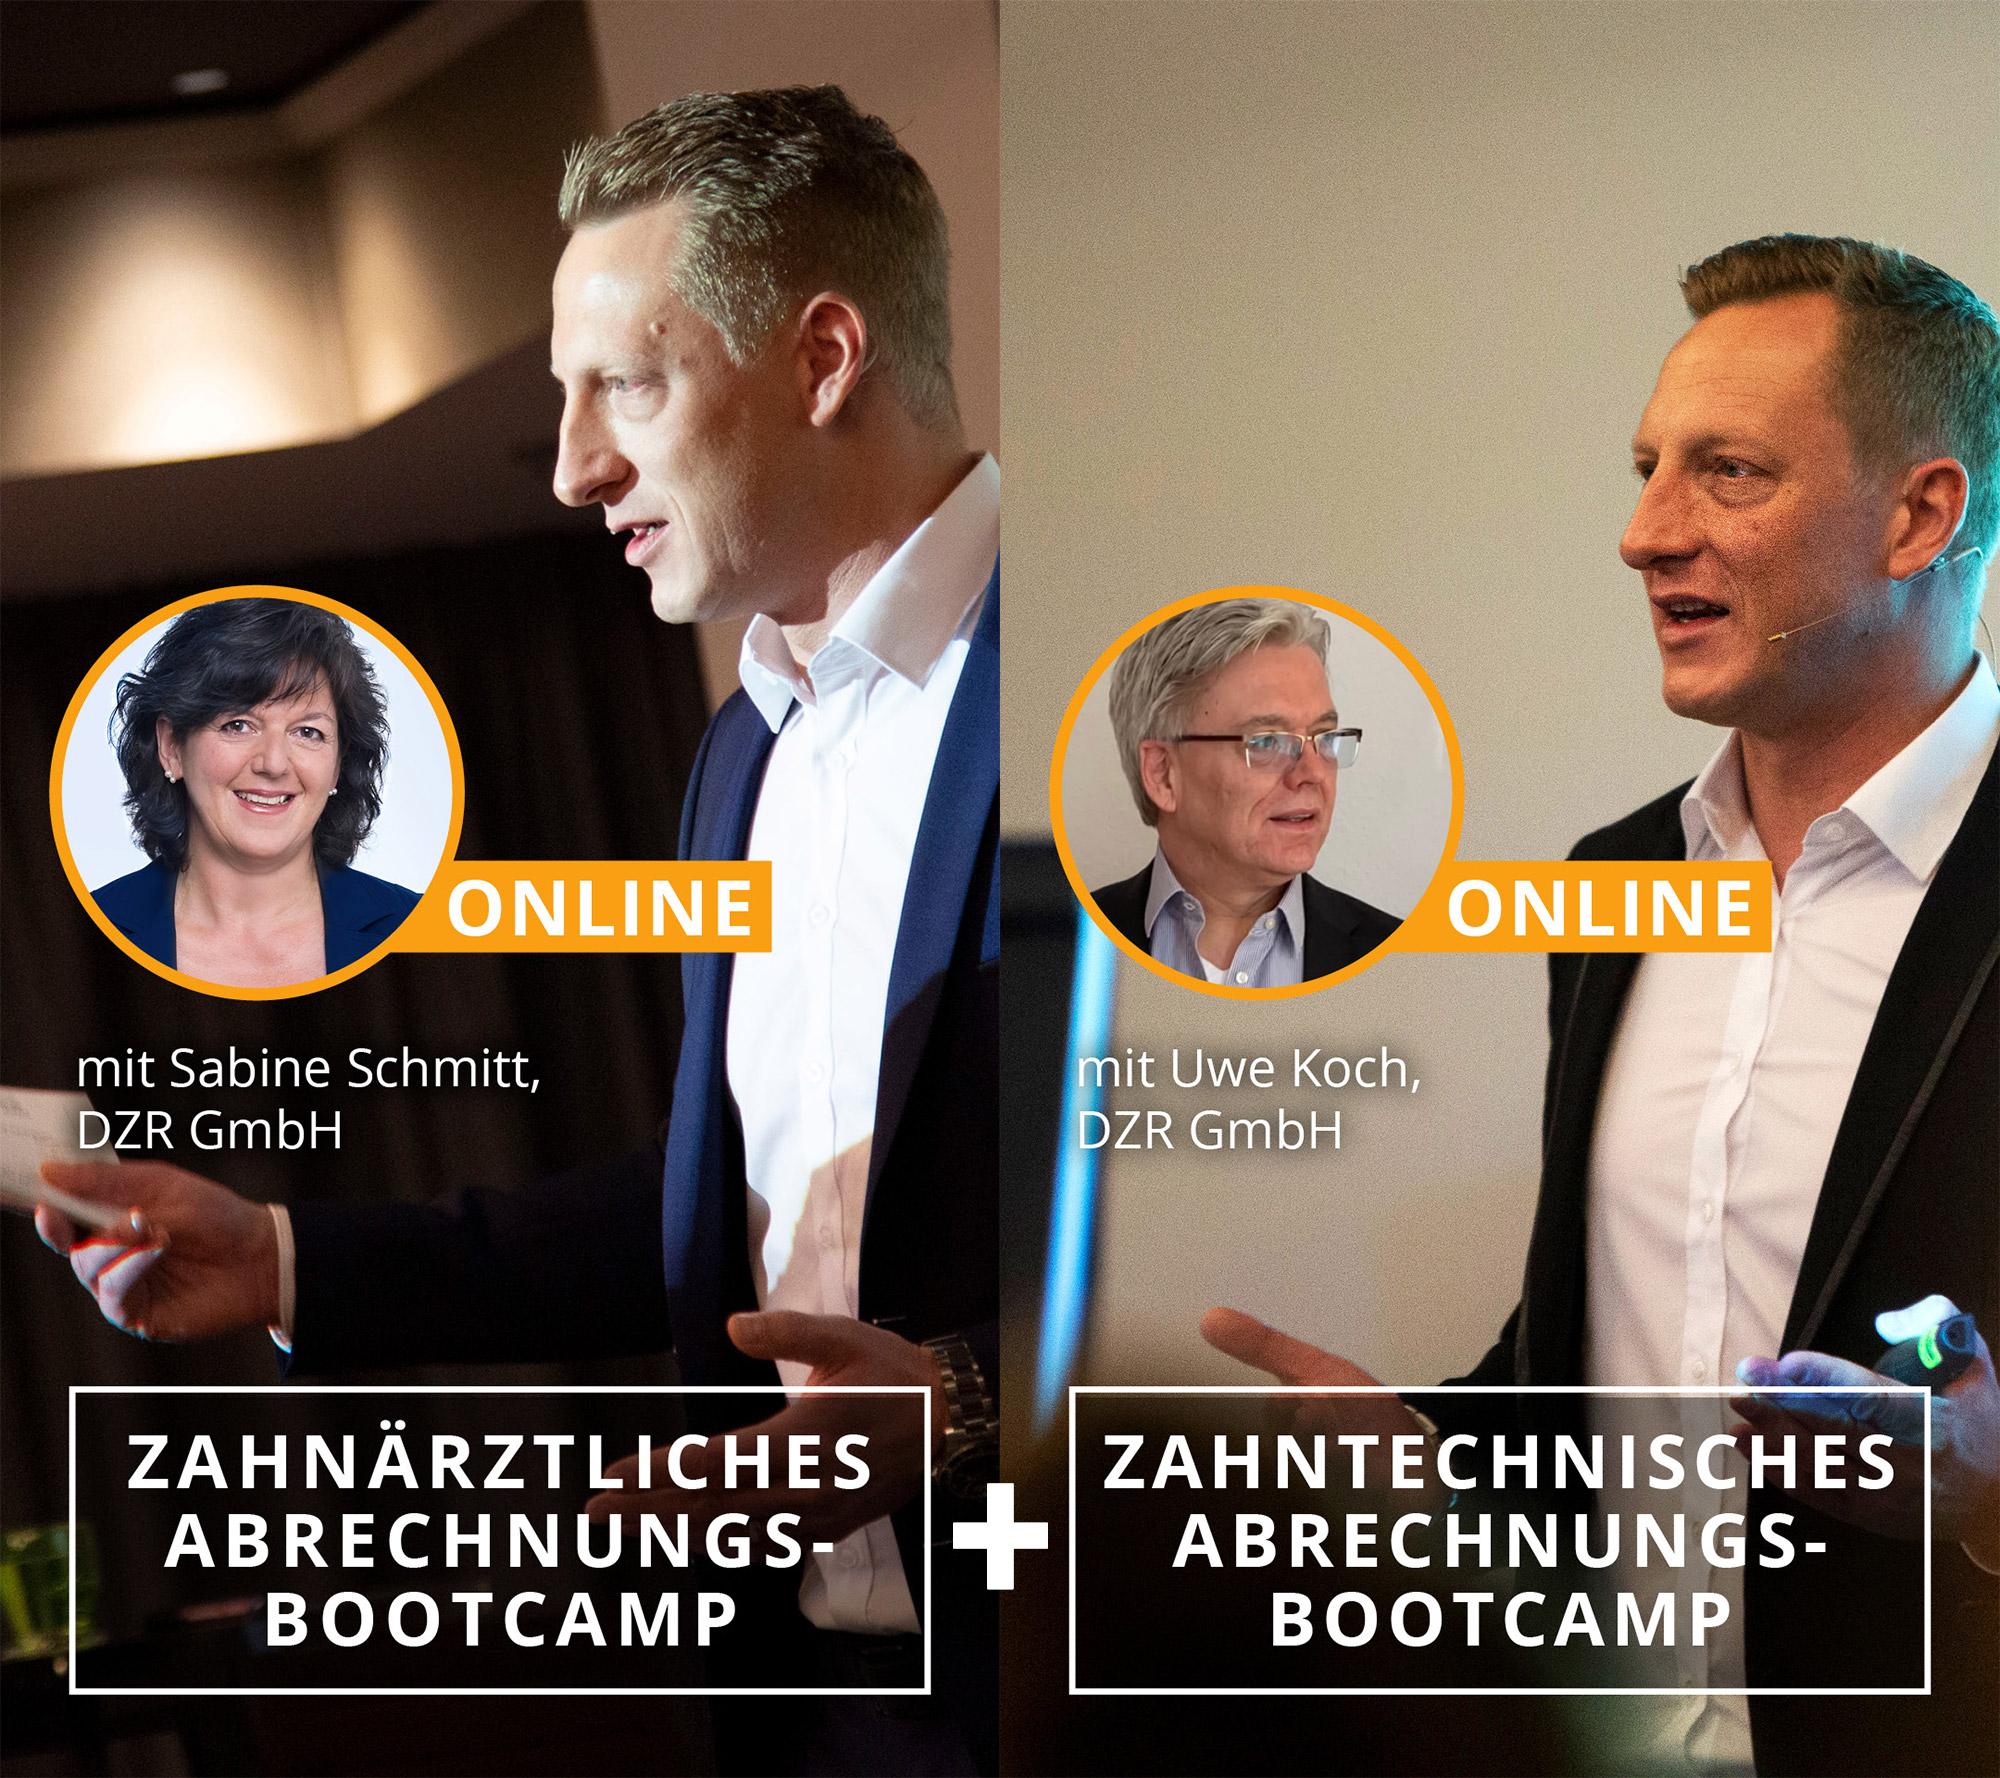 Zahnärztliches + Zahntechnisches Abrechnungs-Bootcamp13.03.2021 / 20.03.2021